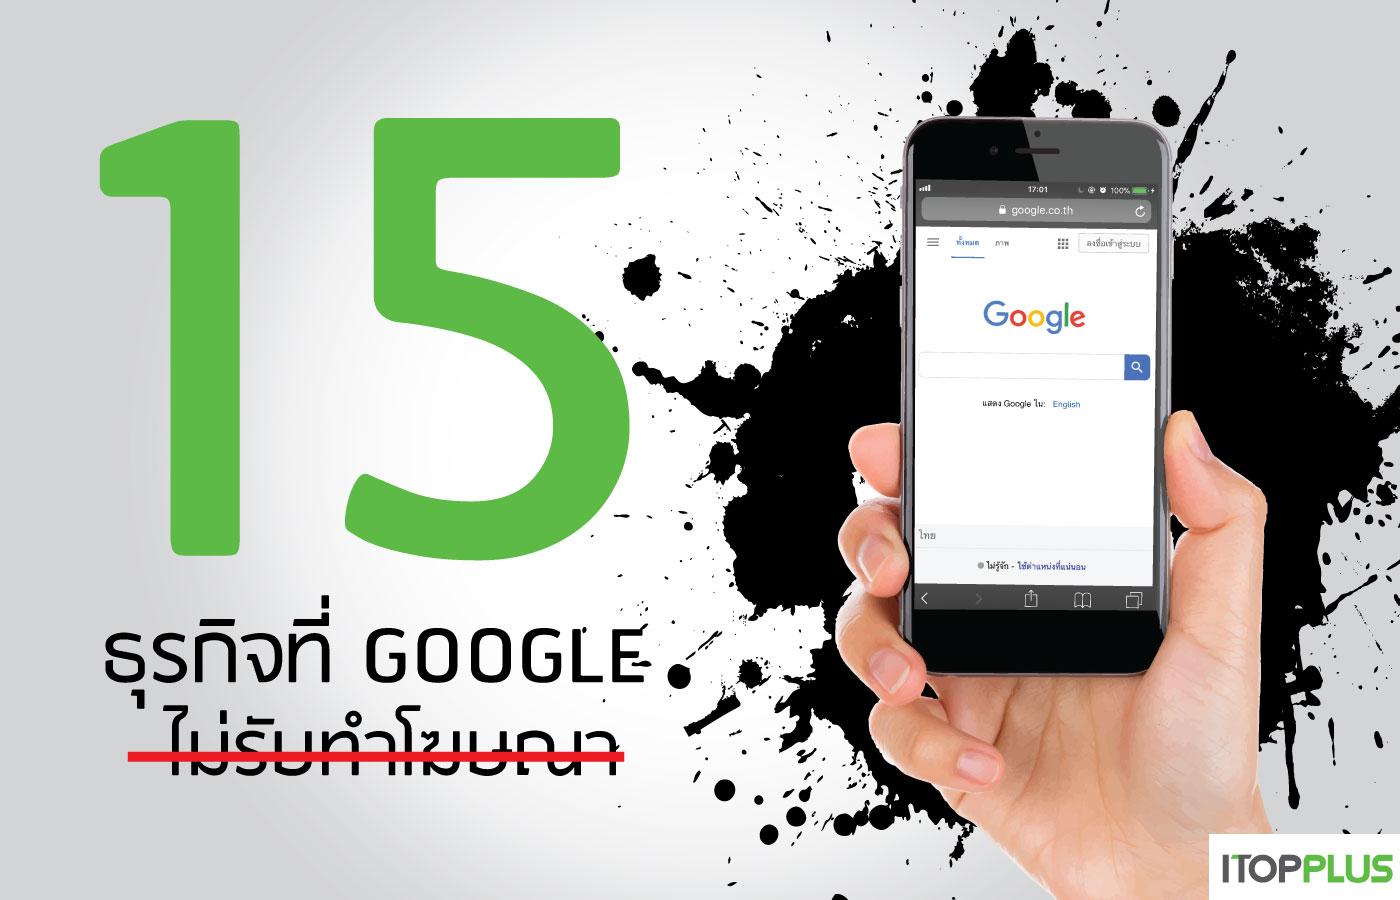 15 ธุรกิจที่ Google ไม่รับทำโฆษณา